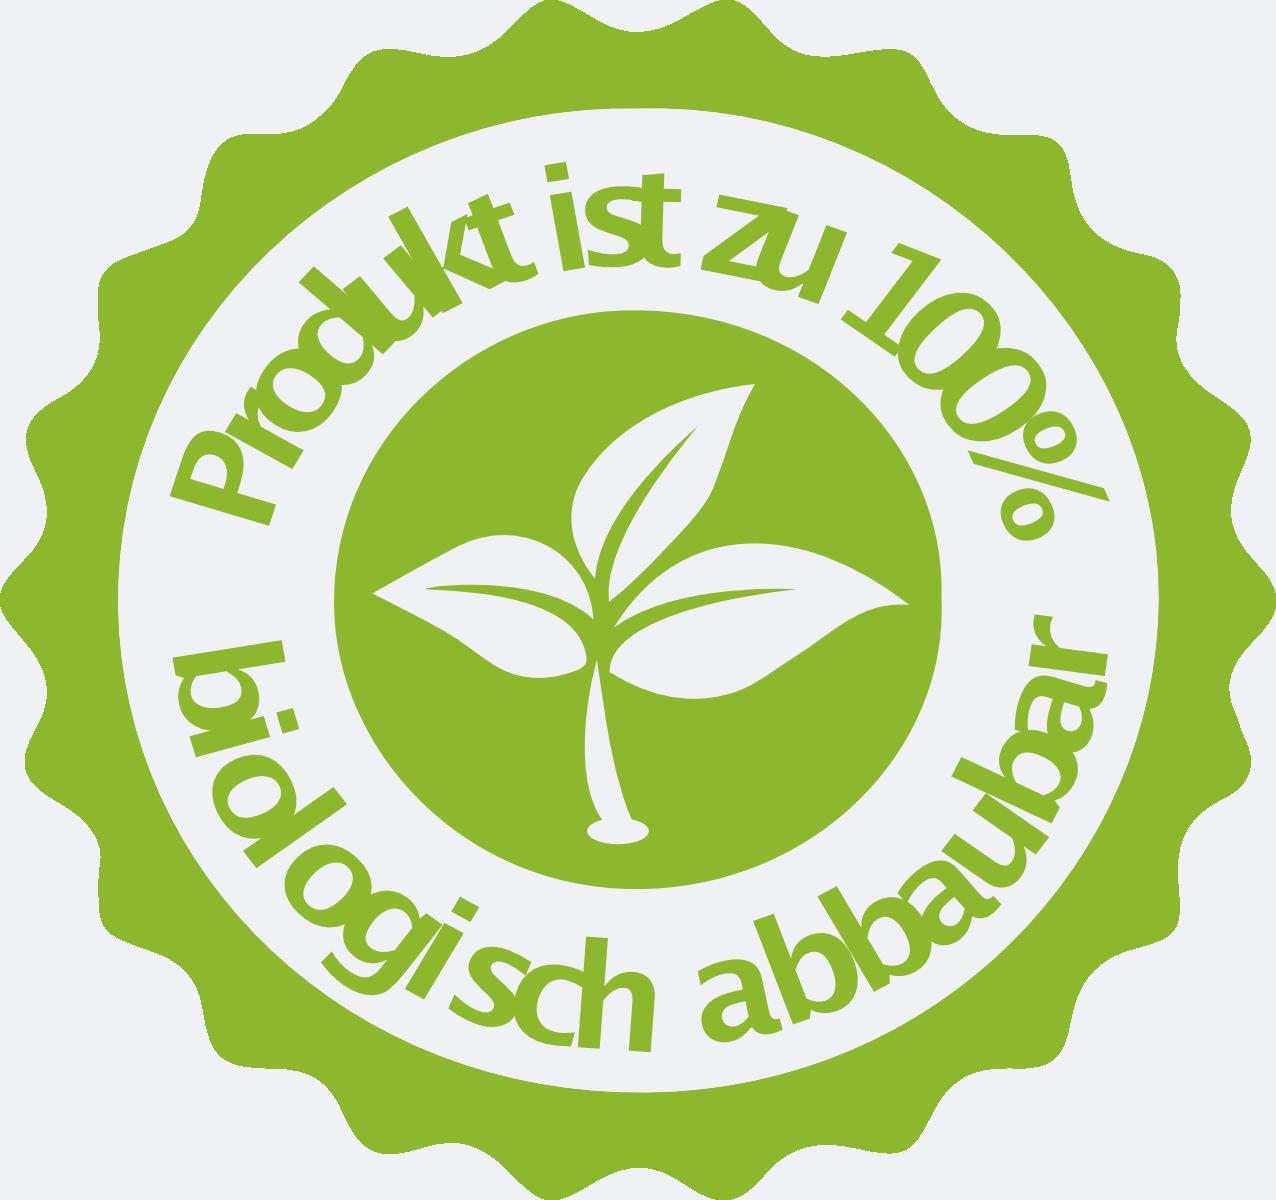 100 % biologisch abbaubar